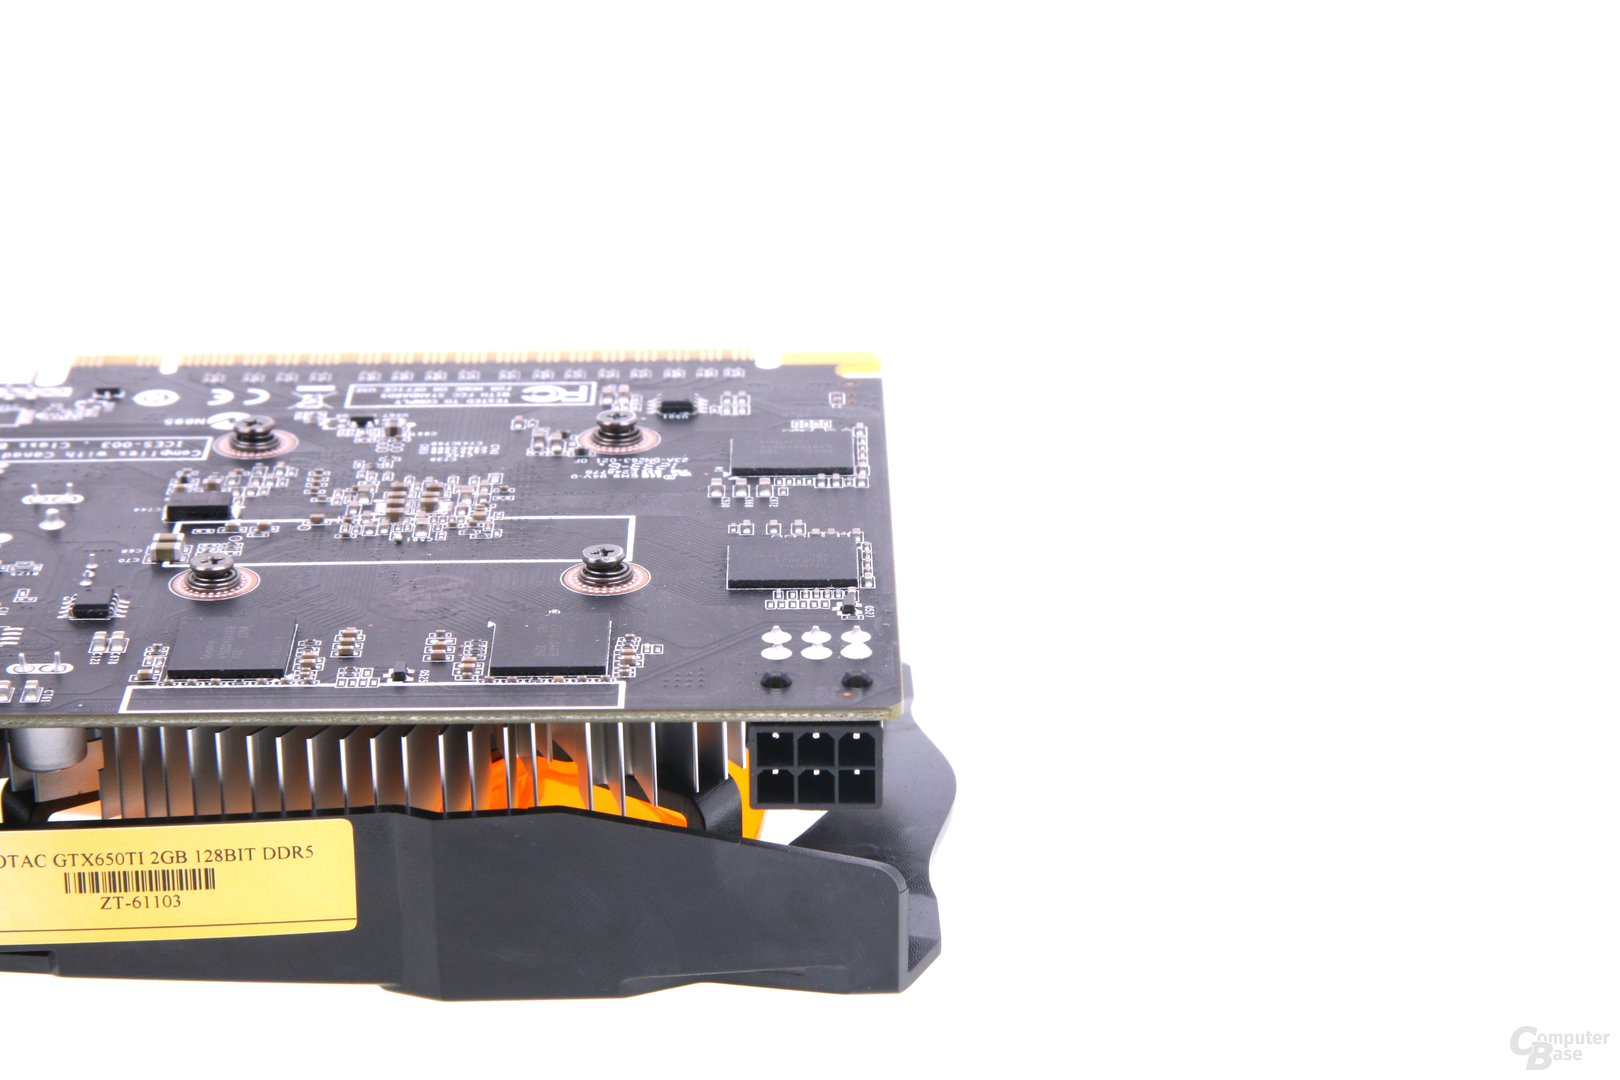 GeForce GTX 650 Ti AMP! Stromanschluss